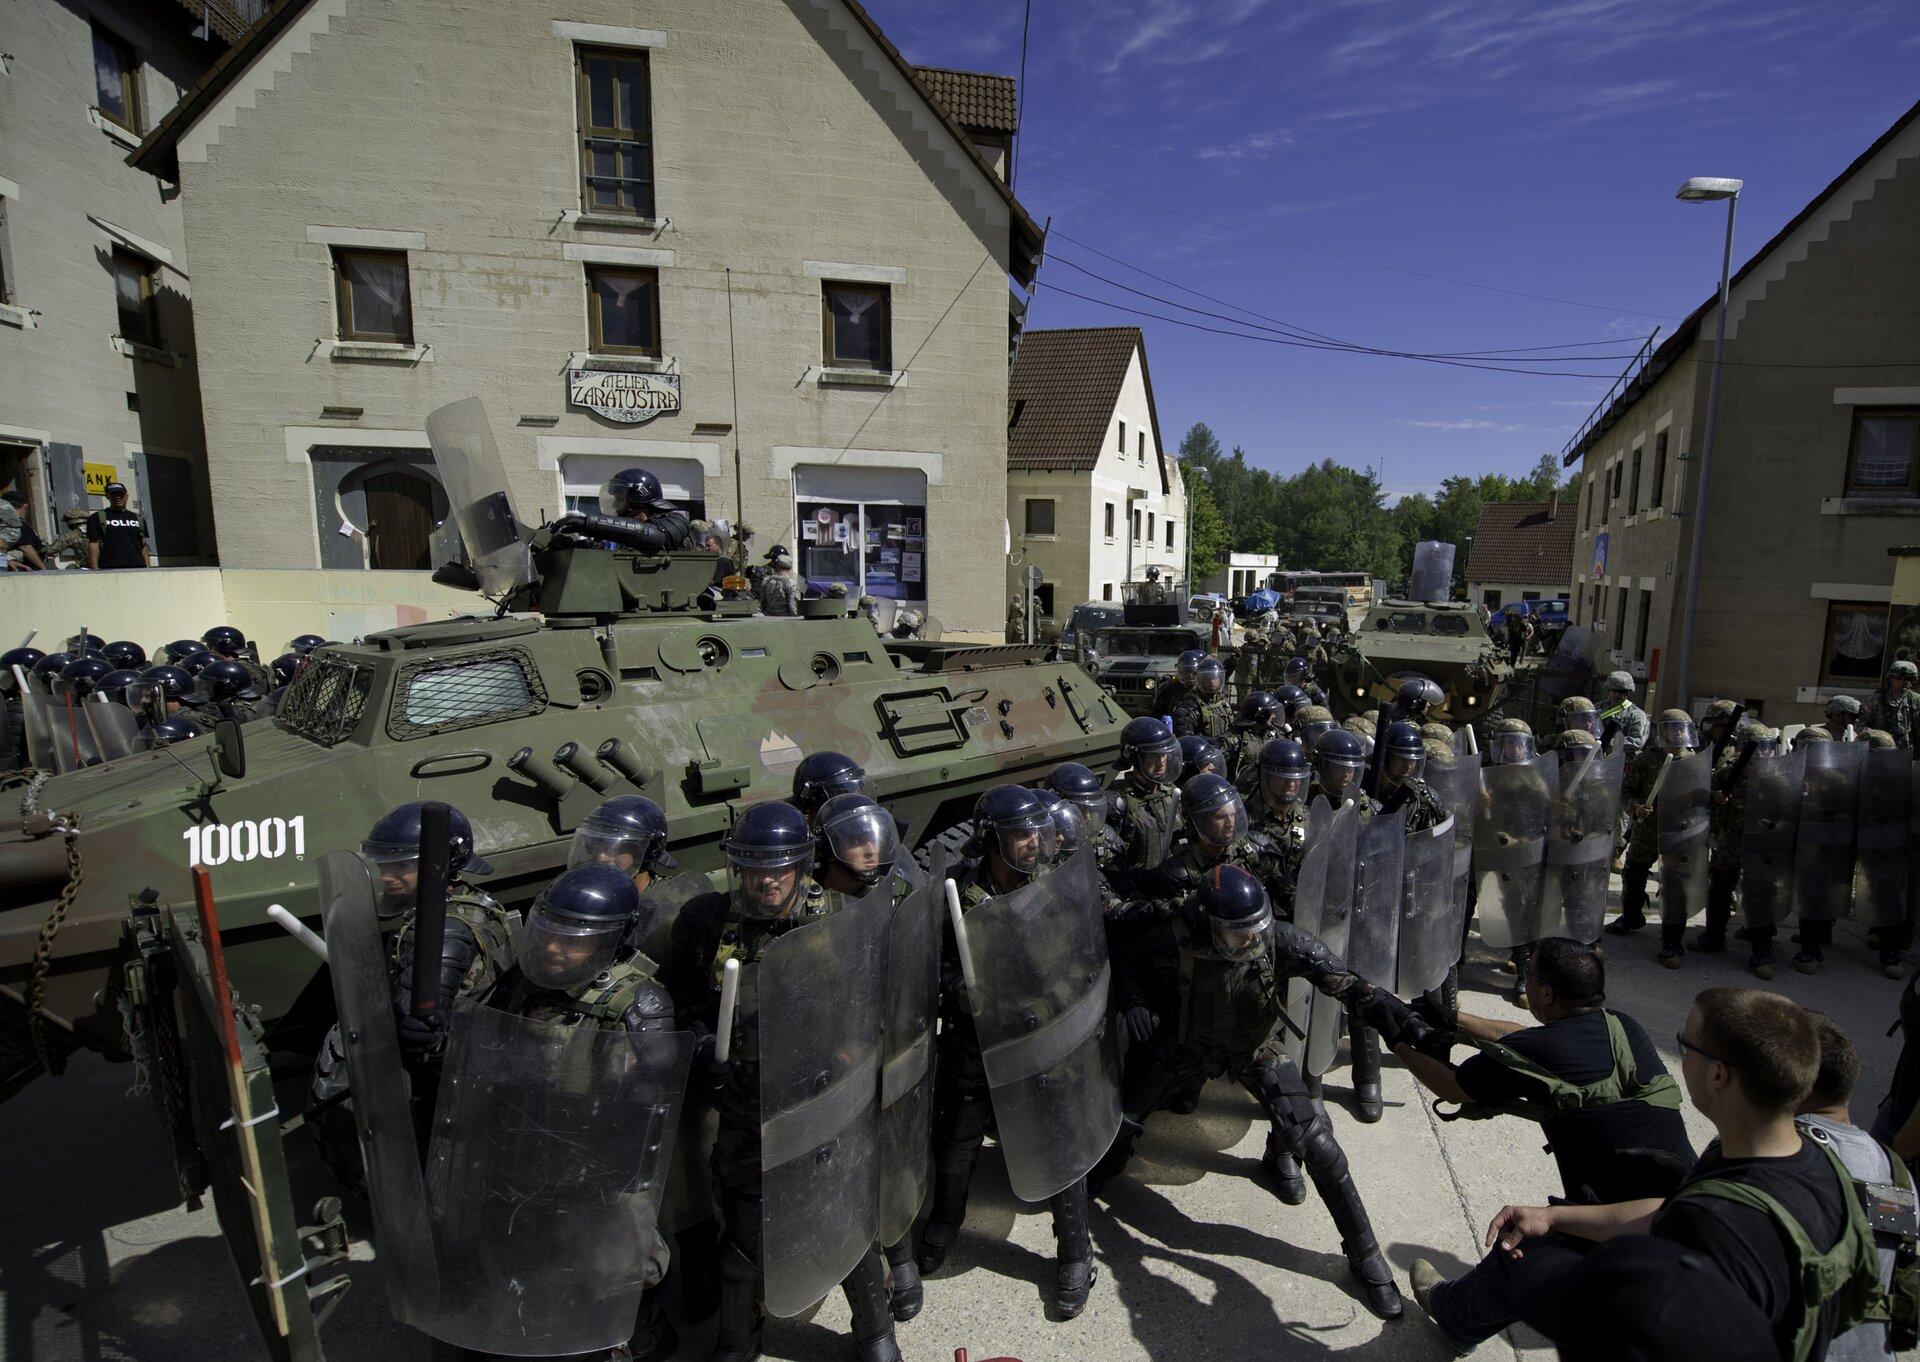 Na zdjęciu żołnierze wpełnym umundurowaniu wkaskach zmaskami. Trzymają przezroczyste tarcze. Ztyłu pojazd pancerny wkolorze zielonym zbrązowymi plamami. Wtle domy isklepy.